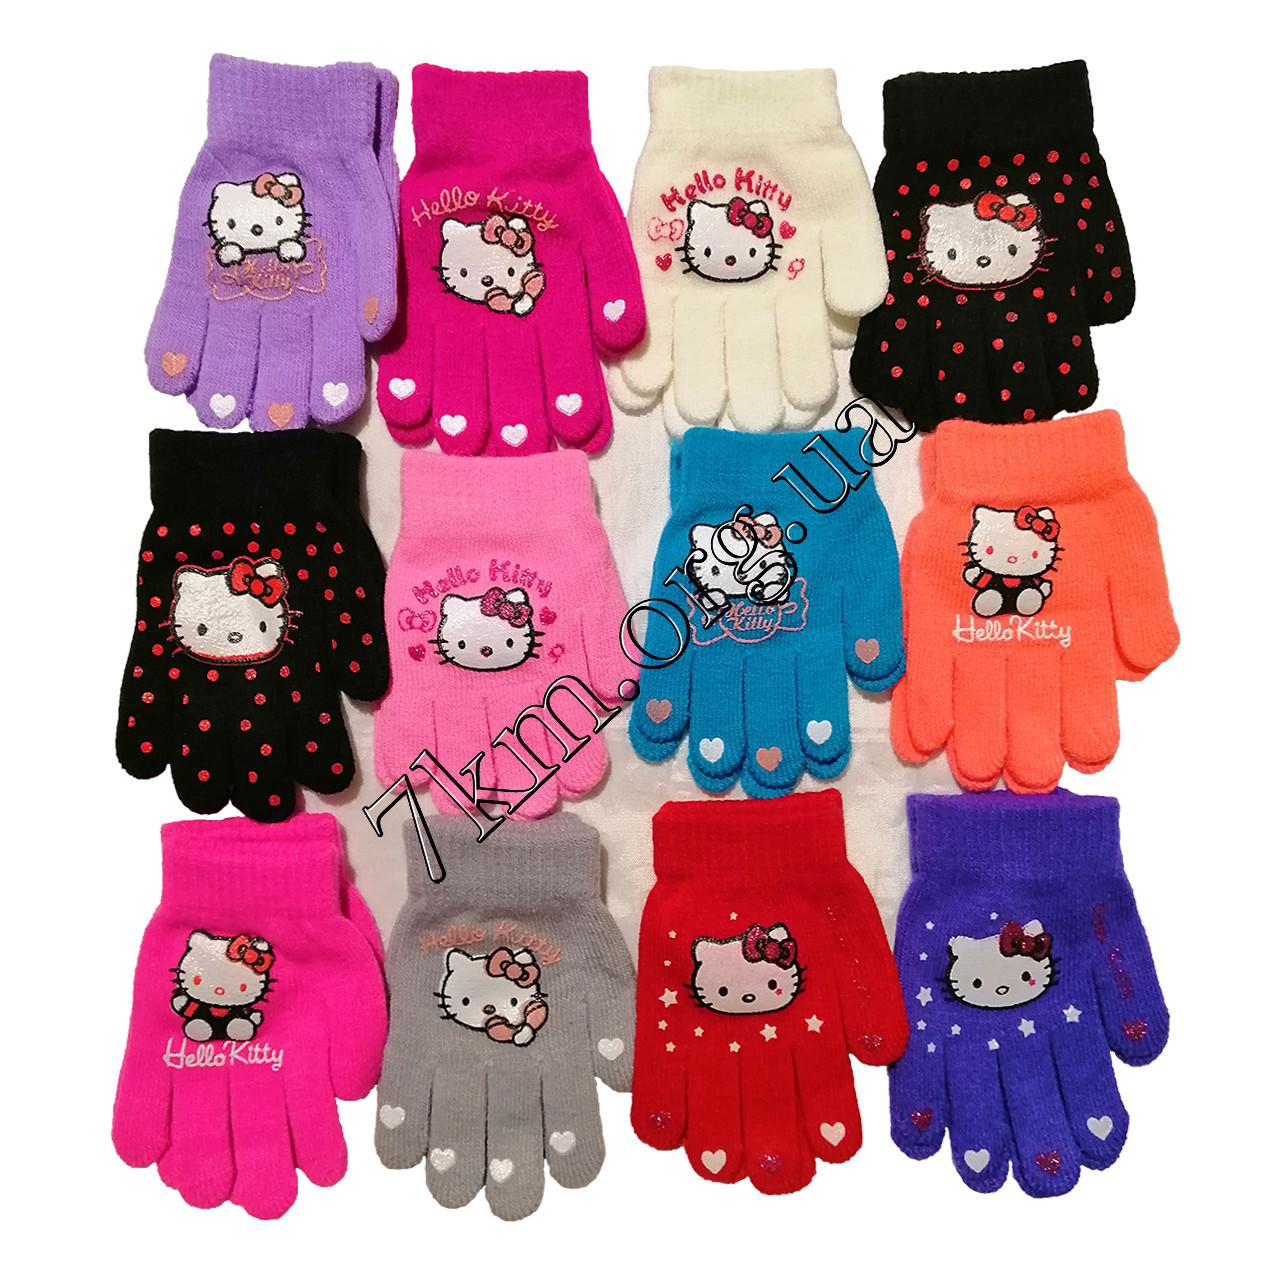 """Рукавички дитячі одинарні +начіс для дівчаток """"Helloy Kitty"""" 3-4 роки Оптом 5017 S"""